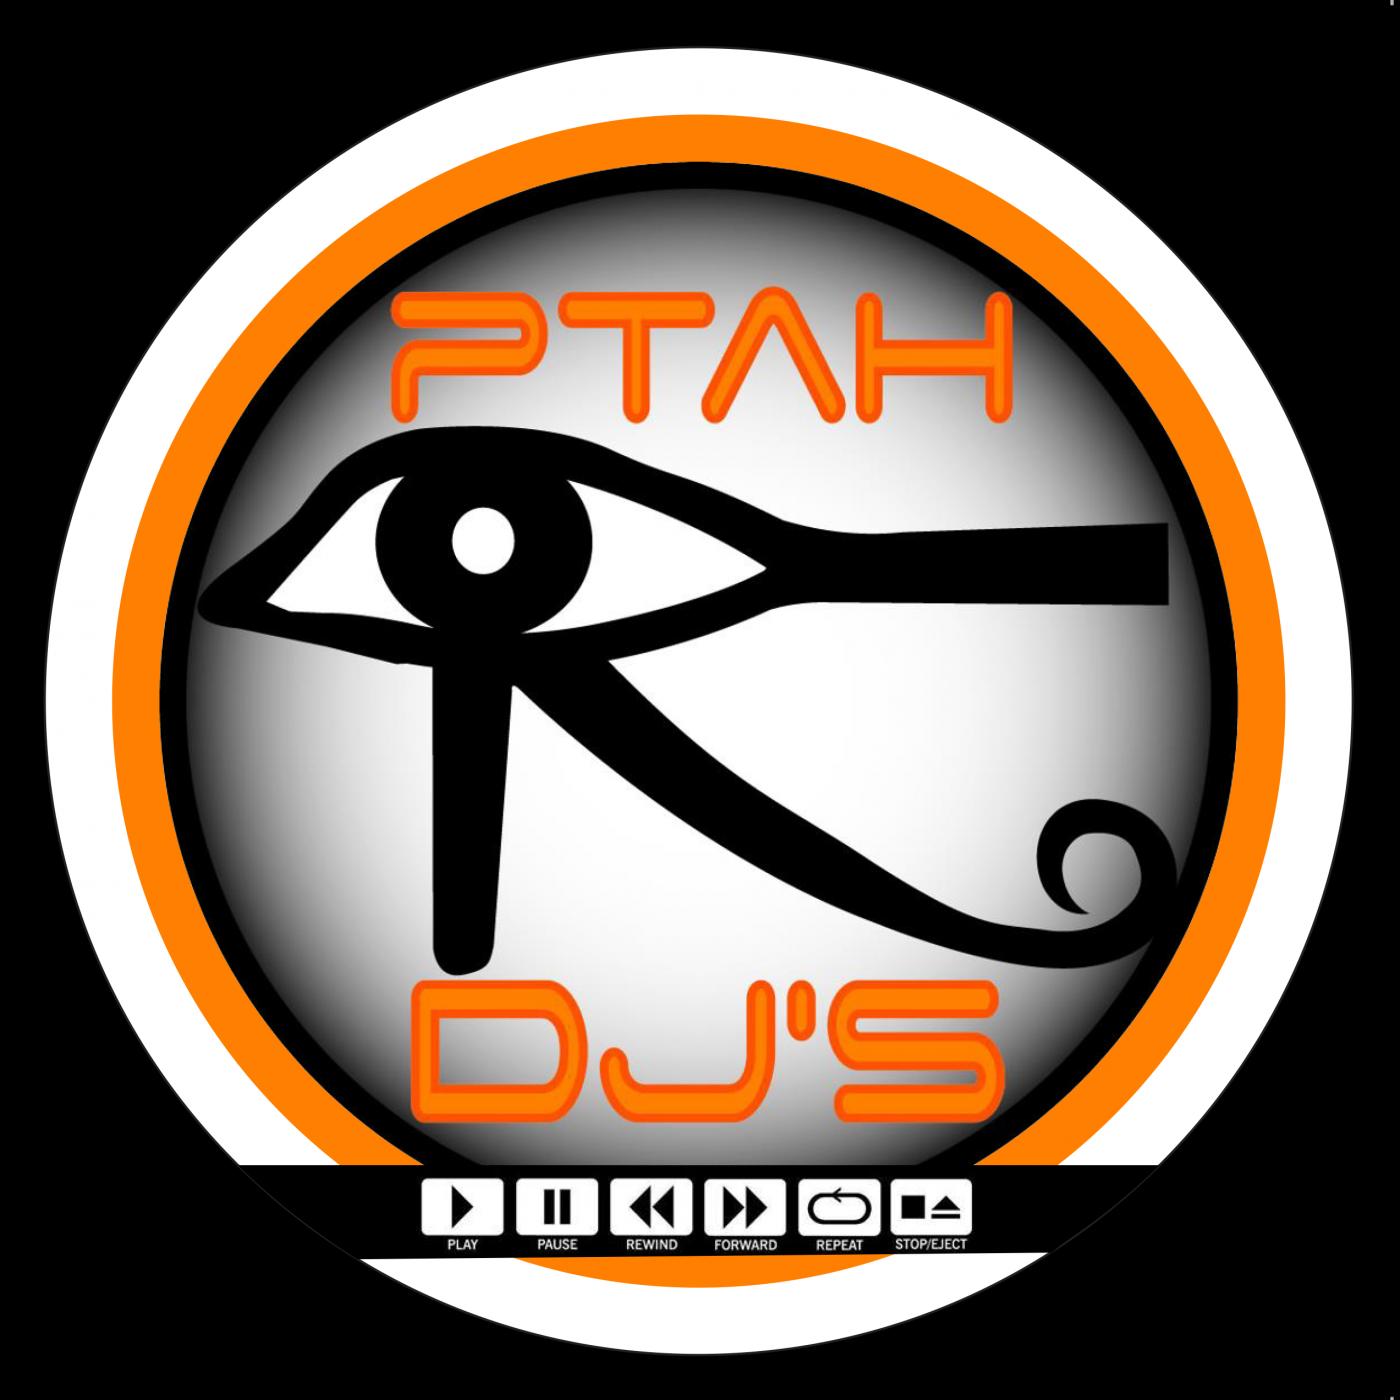 PTAH DJ'S